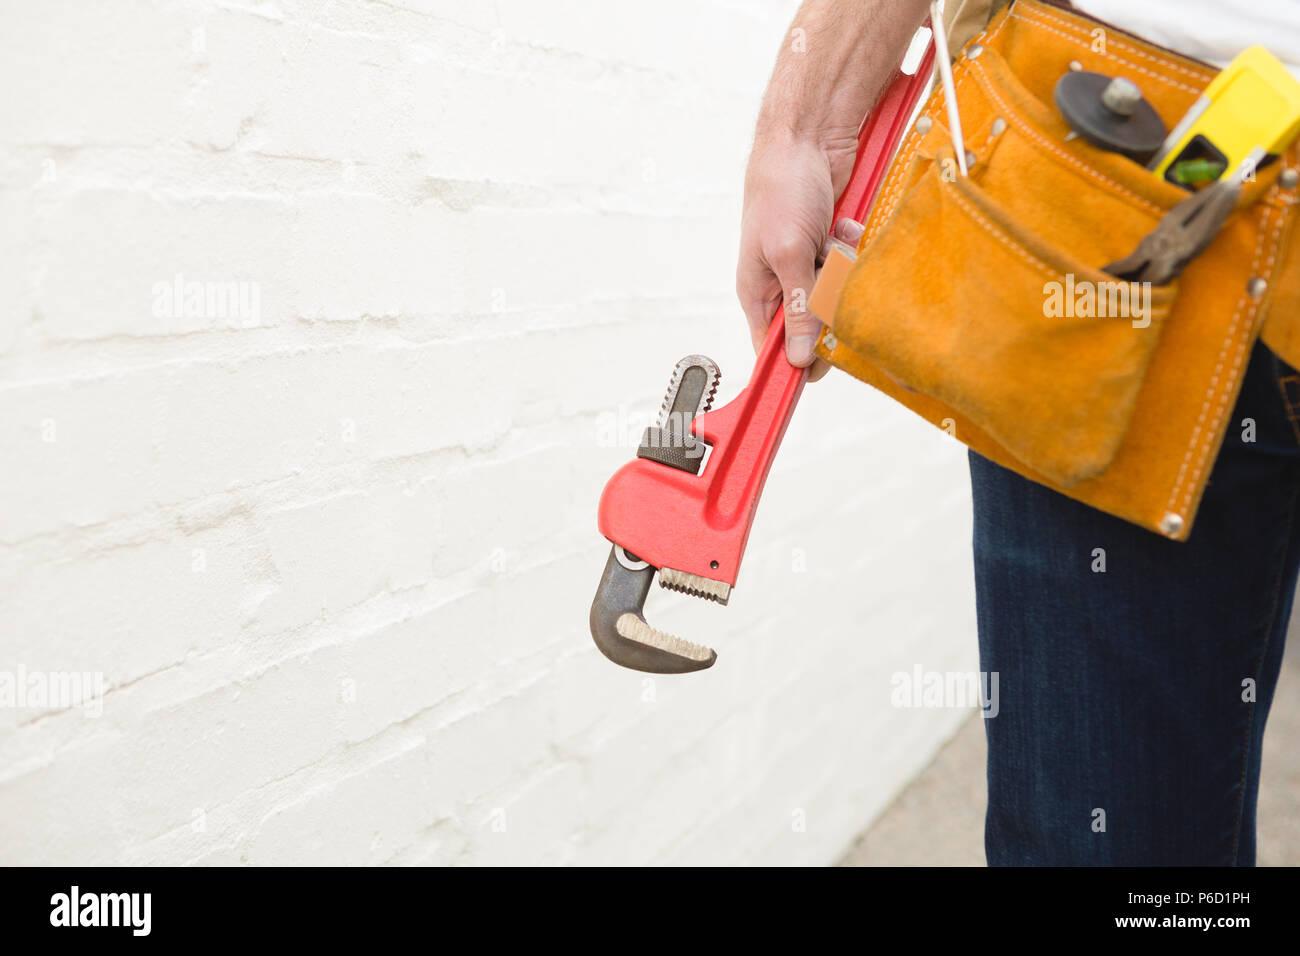 Male carpenter avec pince de ceinture à outils Banque D'Images